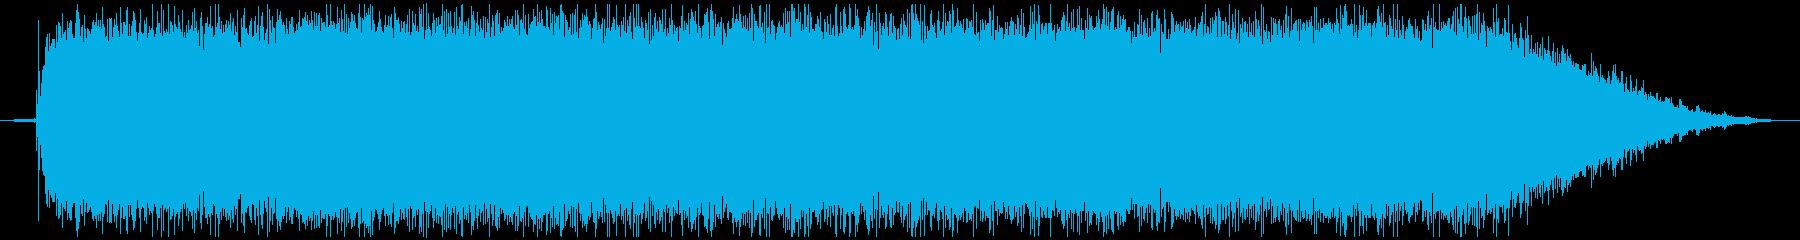 シーンライトジェネレーター:スター...の再生済みの波形